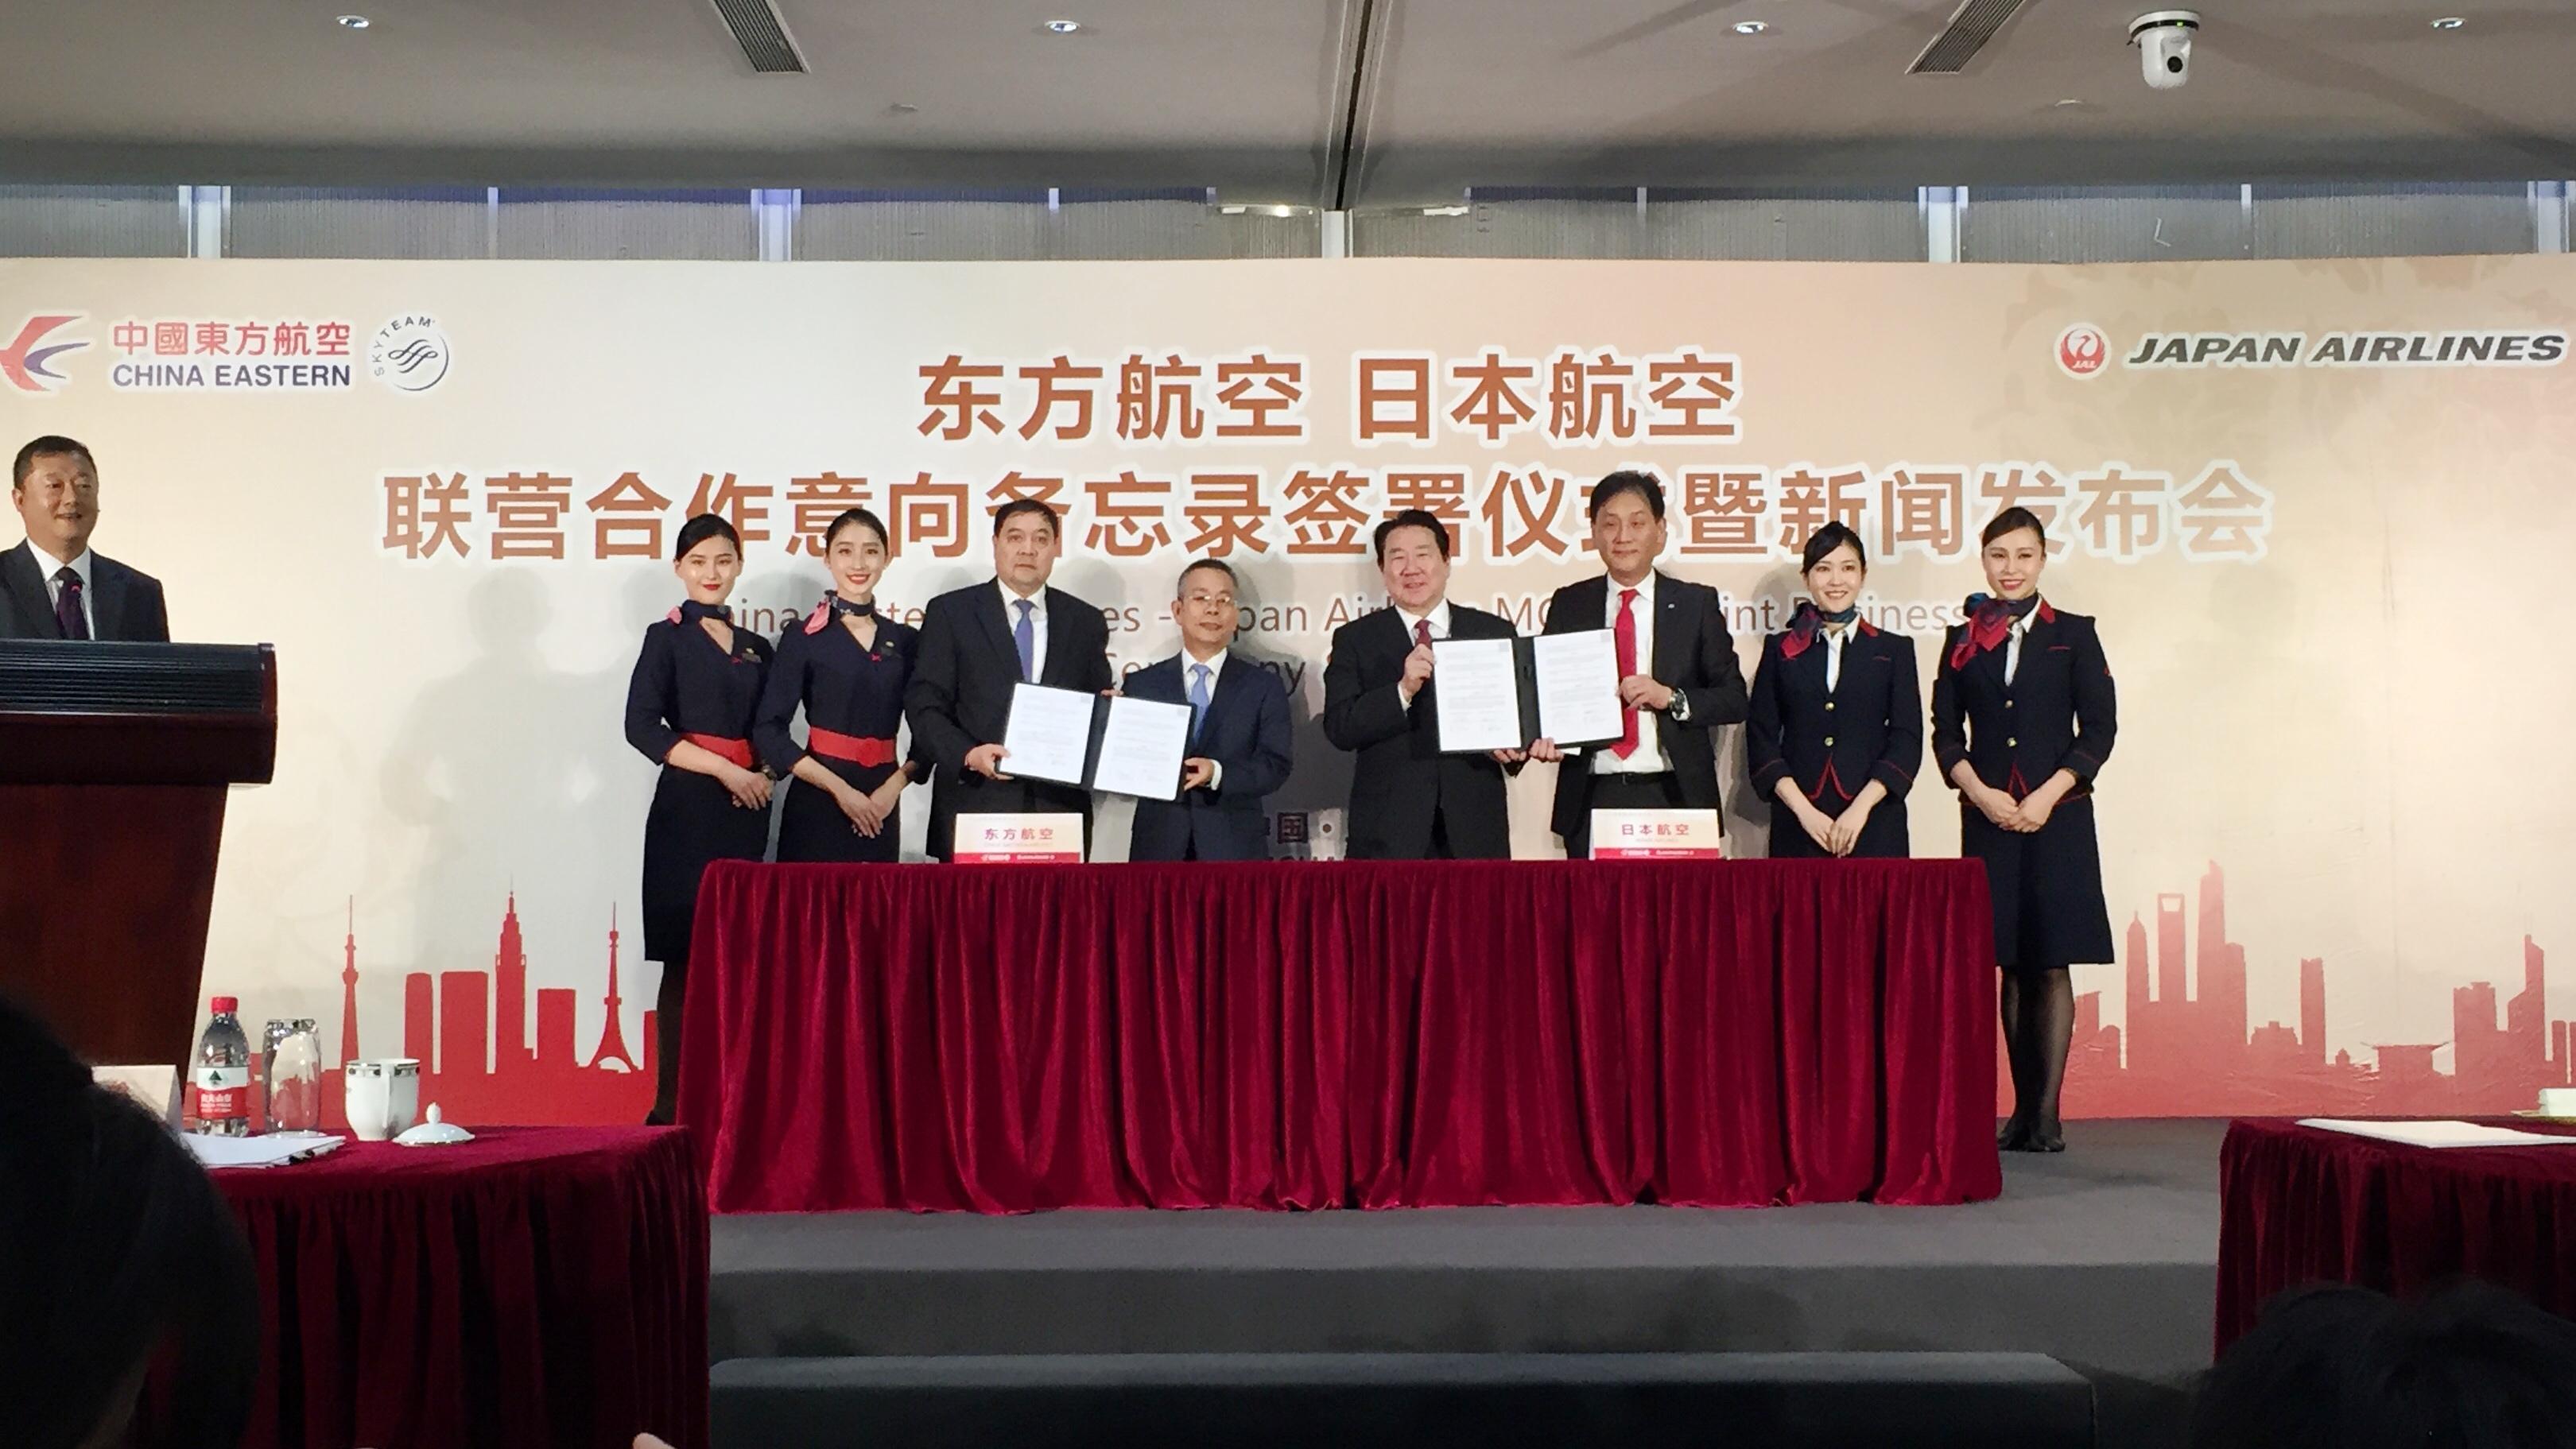 获吉祥航空投资后,东航与日本航空跨联盟深入合作